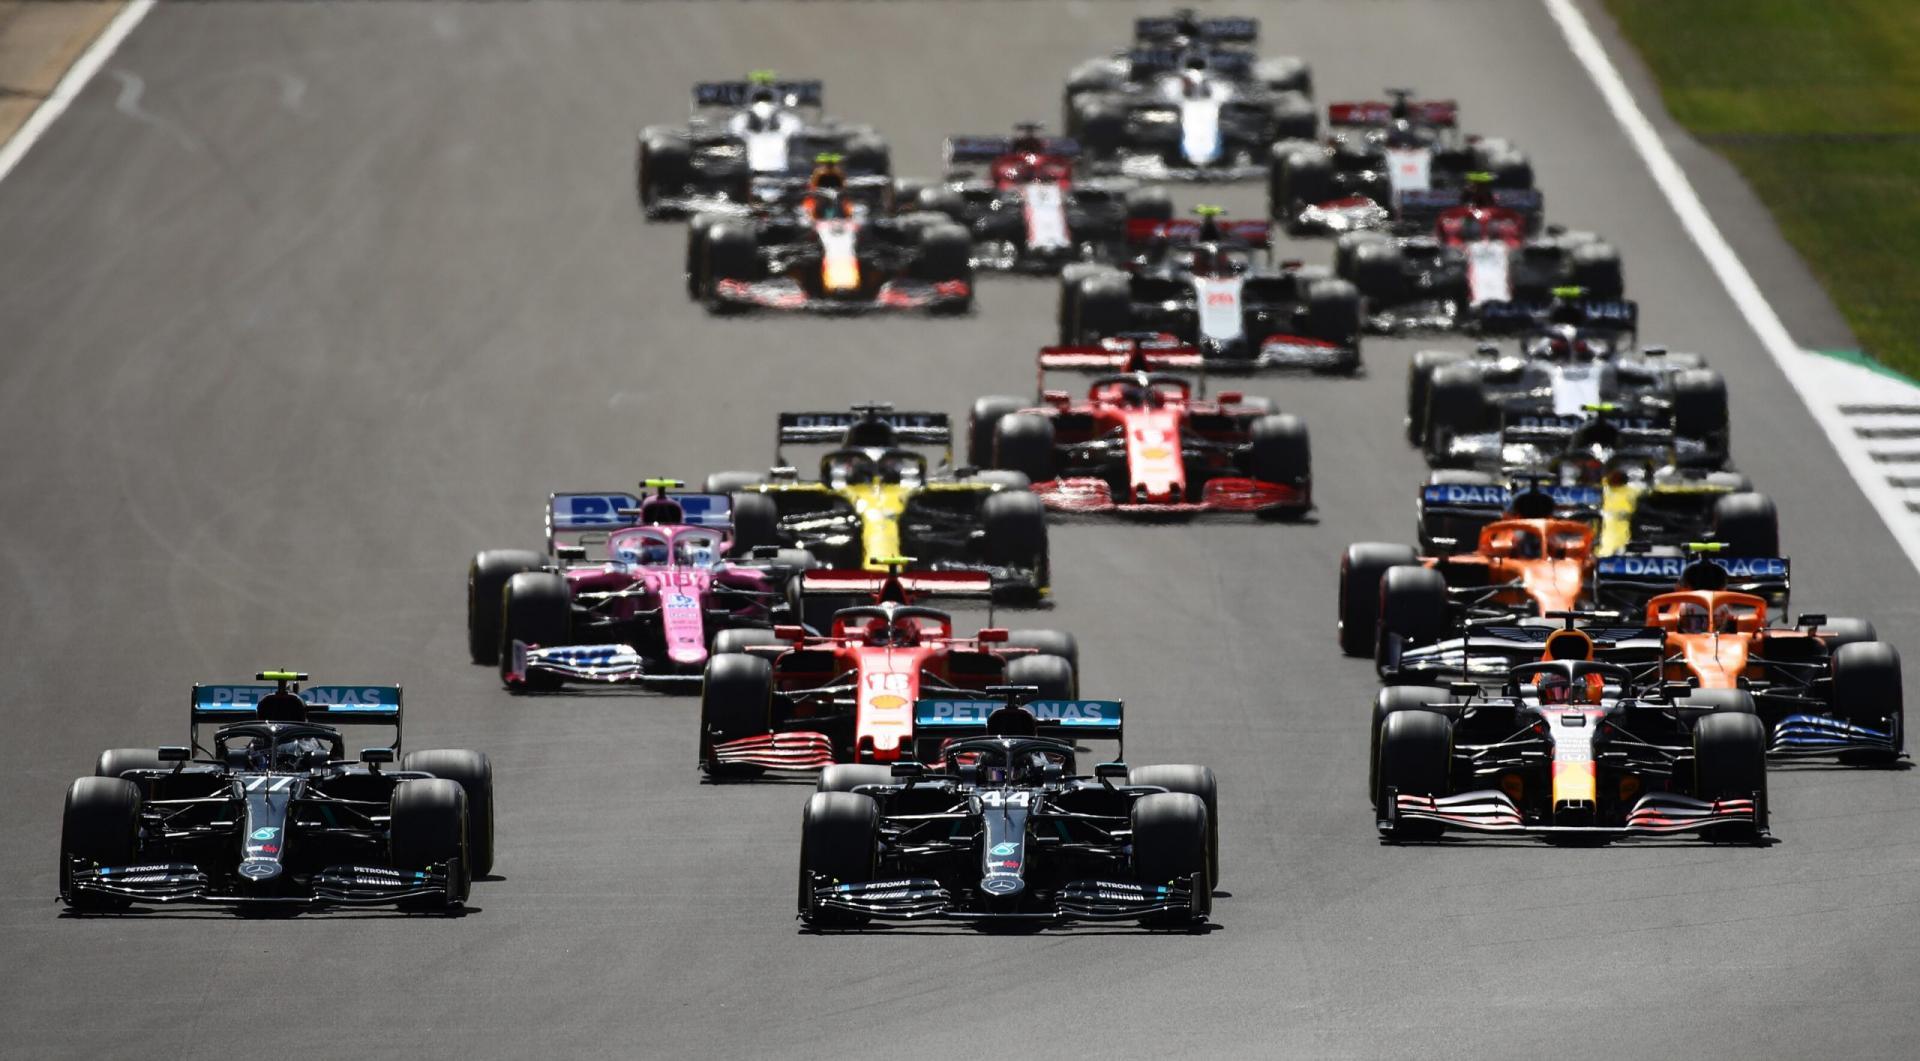 Uitslag van de GP van Groot-Brittannië 2020